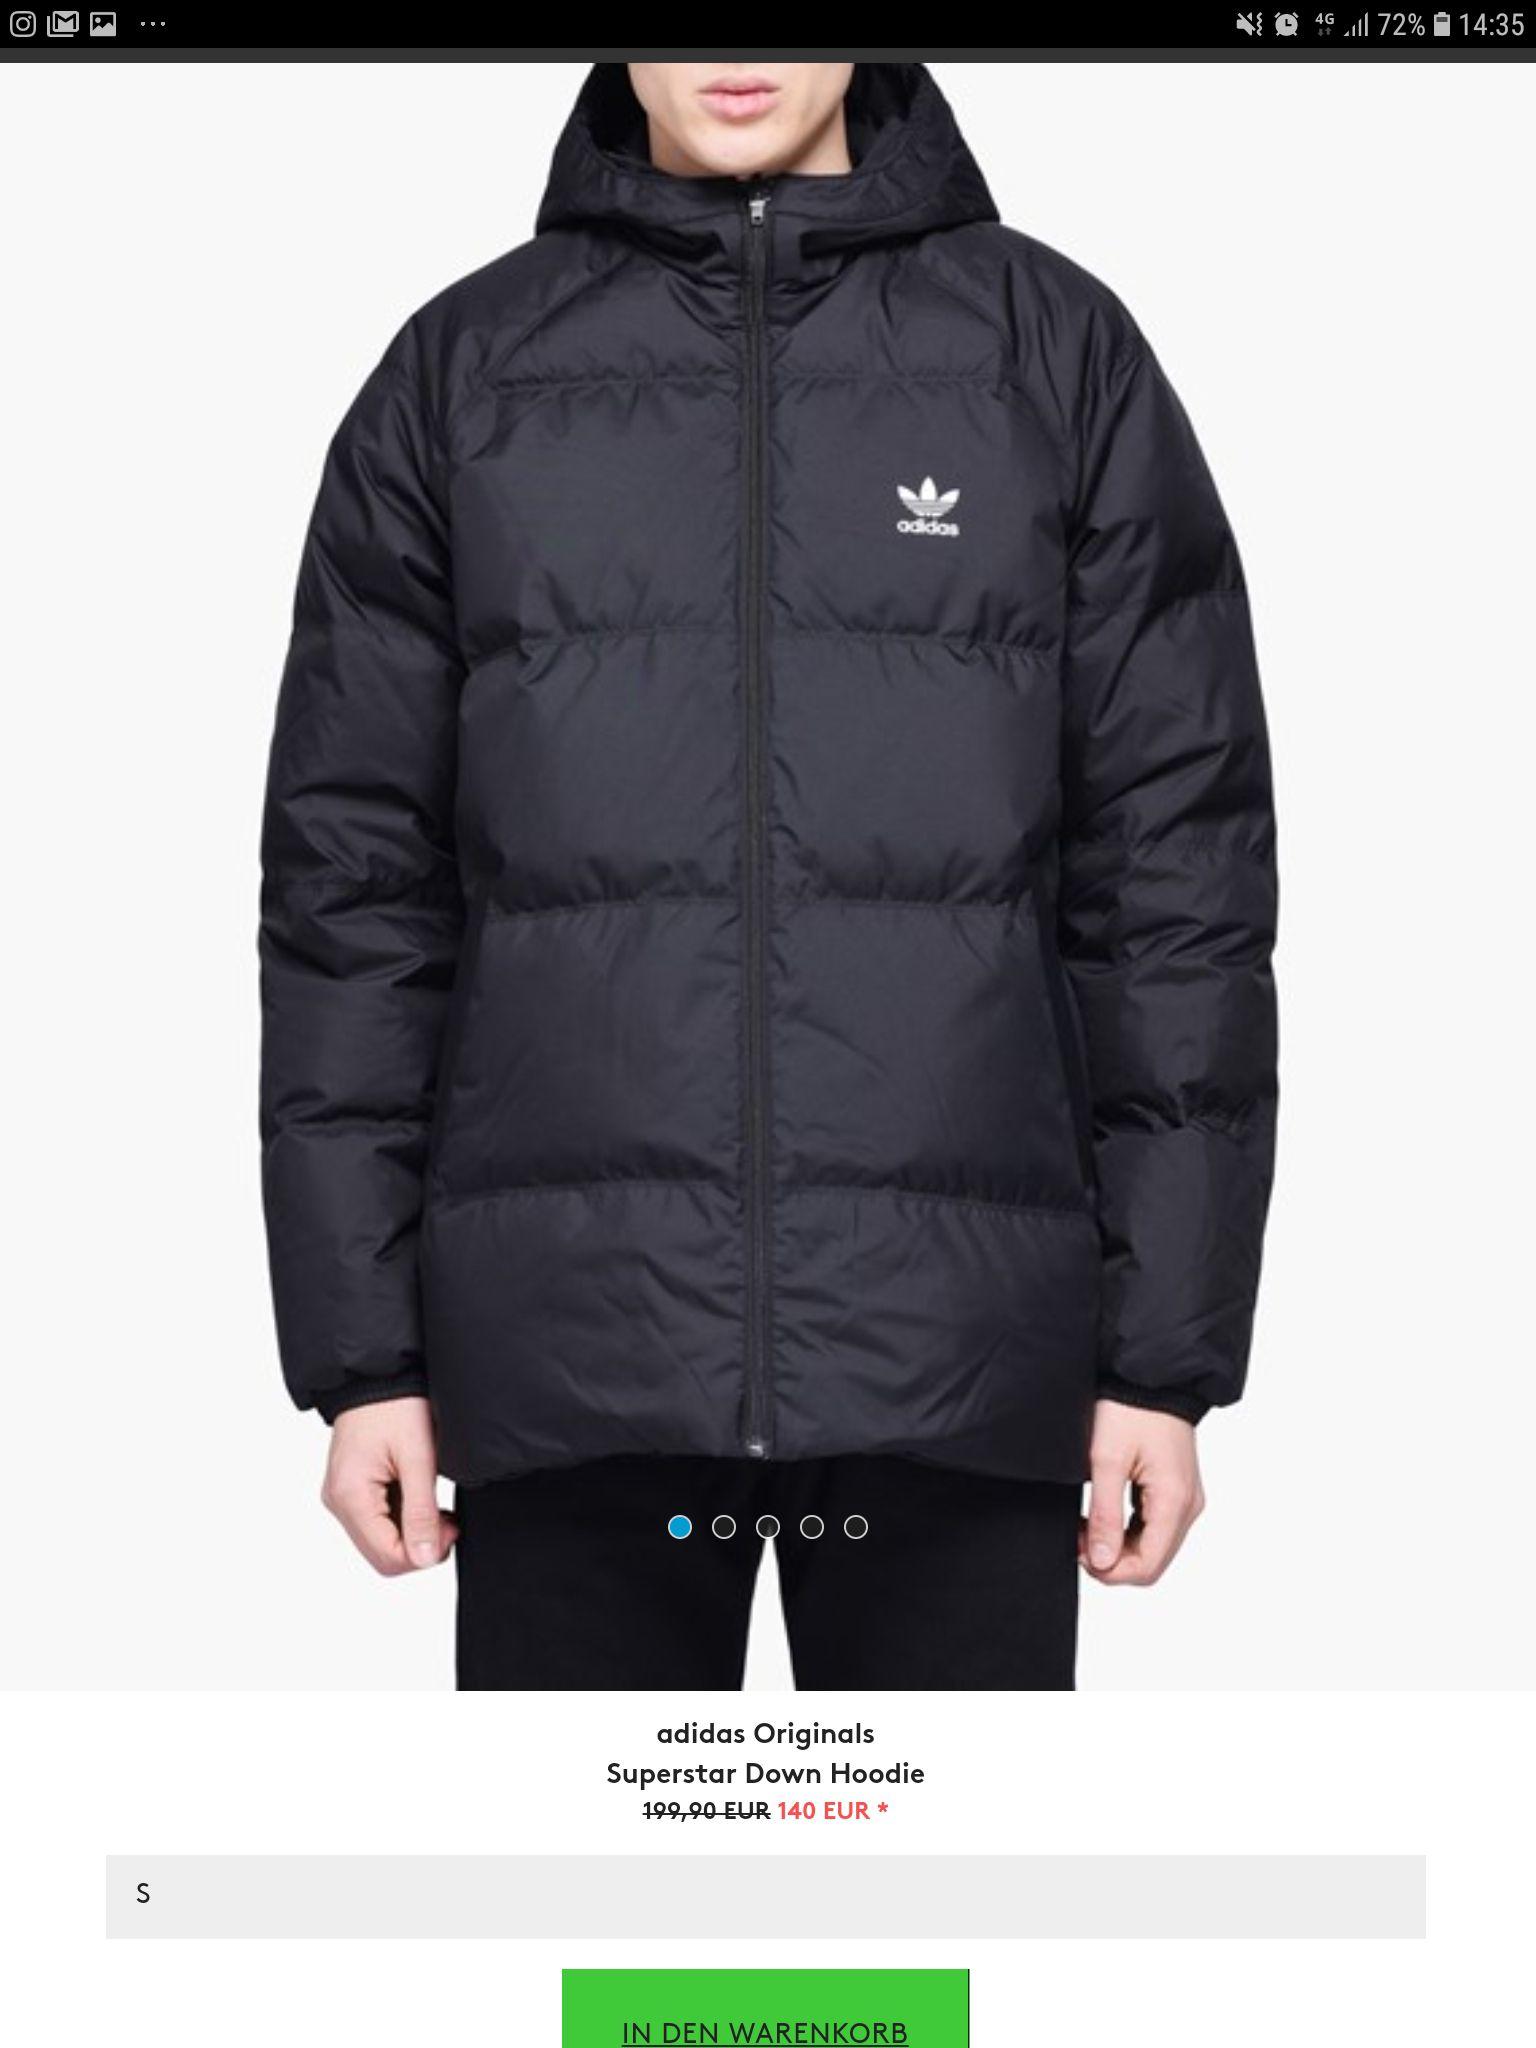 Adidas winterjacke mit Wendefunktion